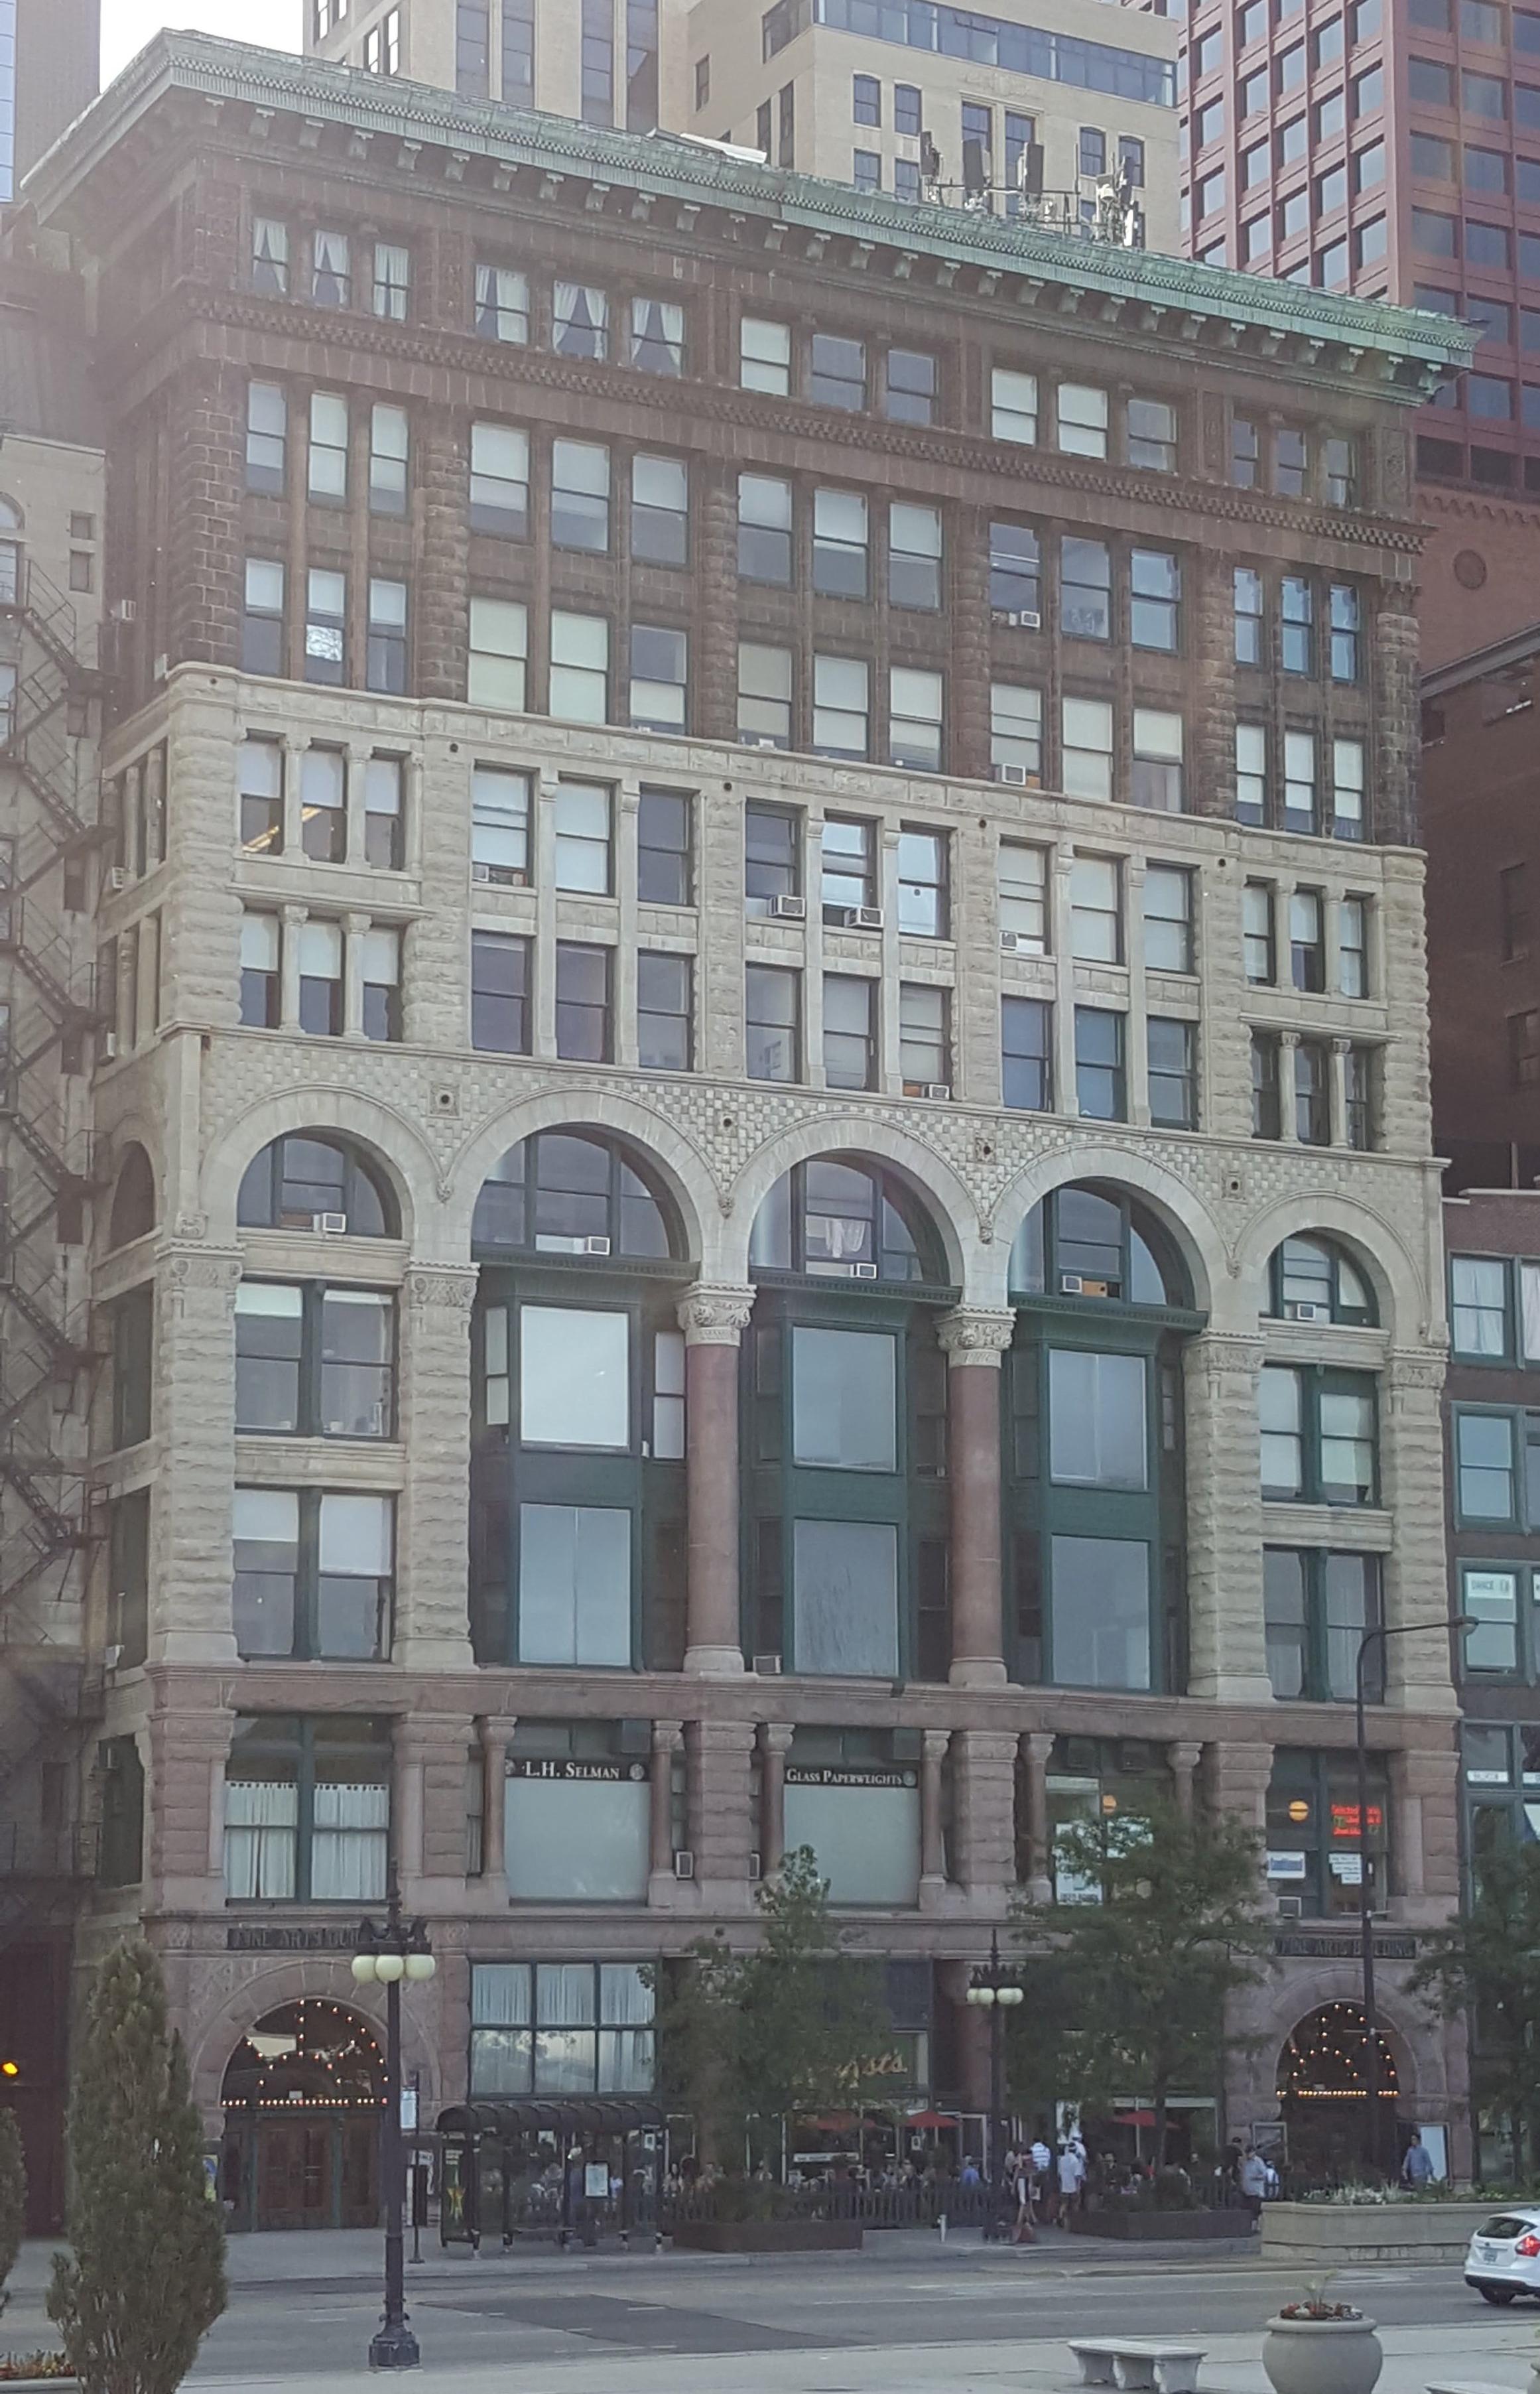 Fine Arts Building Chicago 2017 - 410 S Michigan Avenue